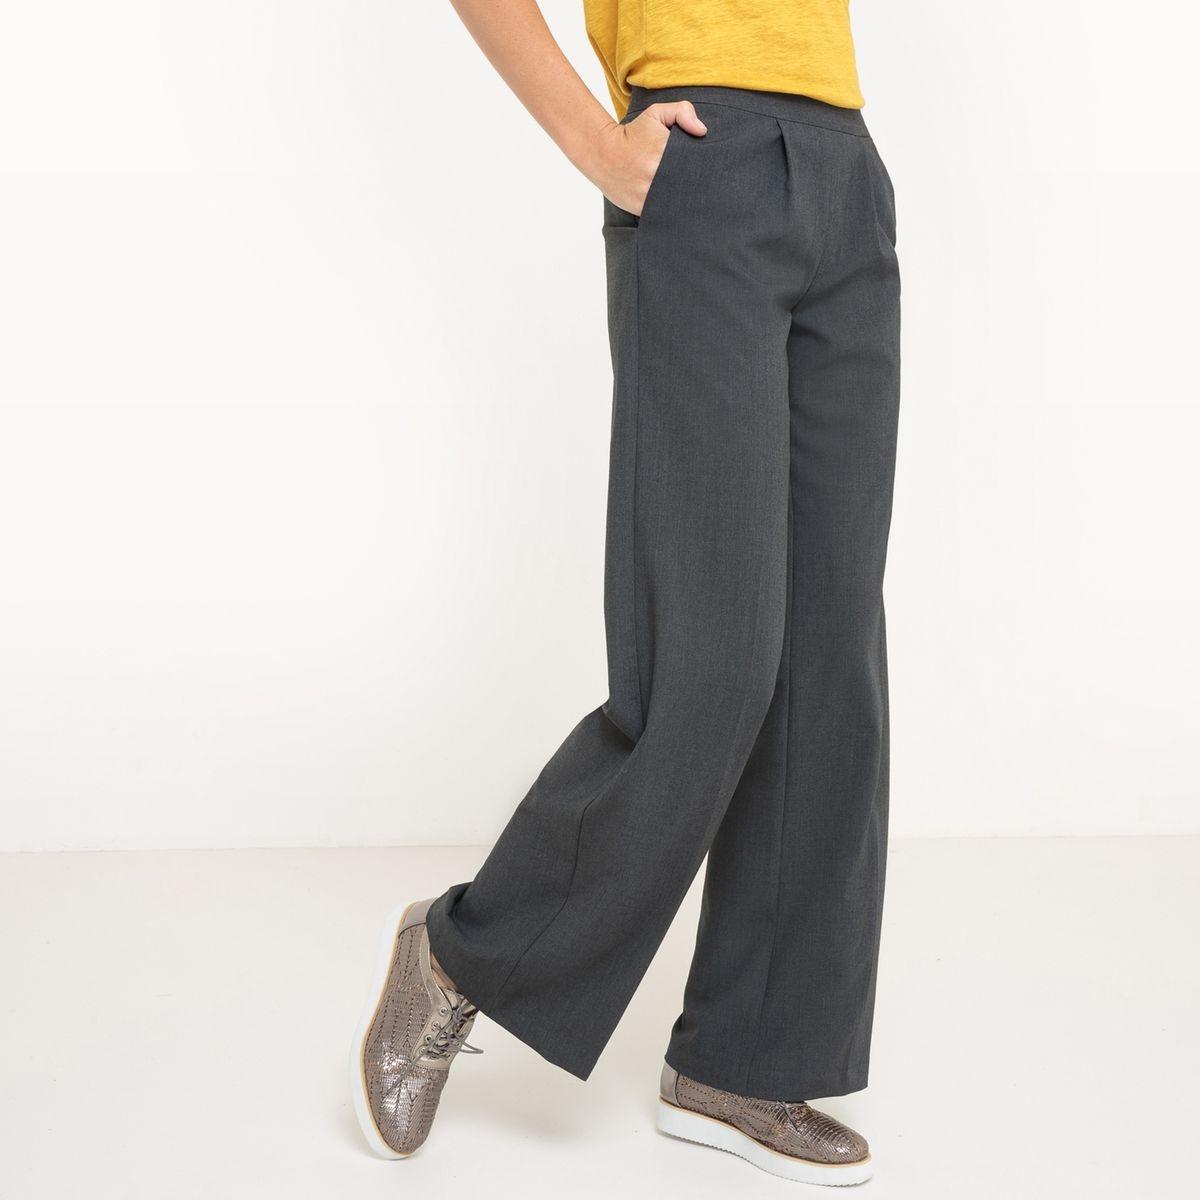 Pantalon large entrejambe 78 cm